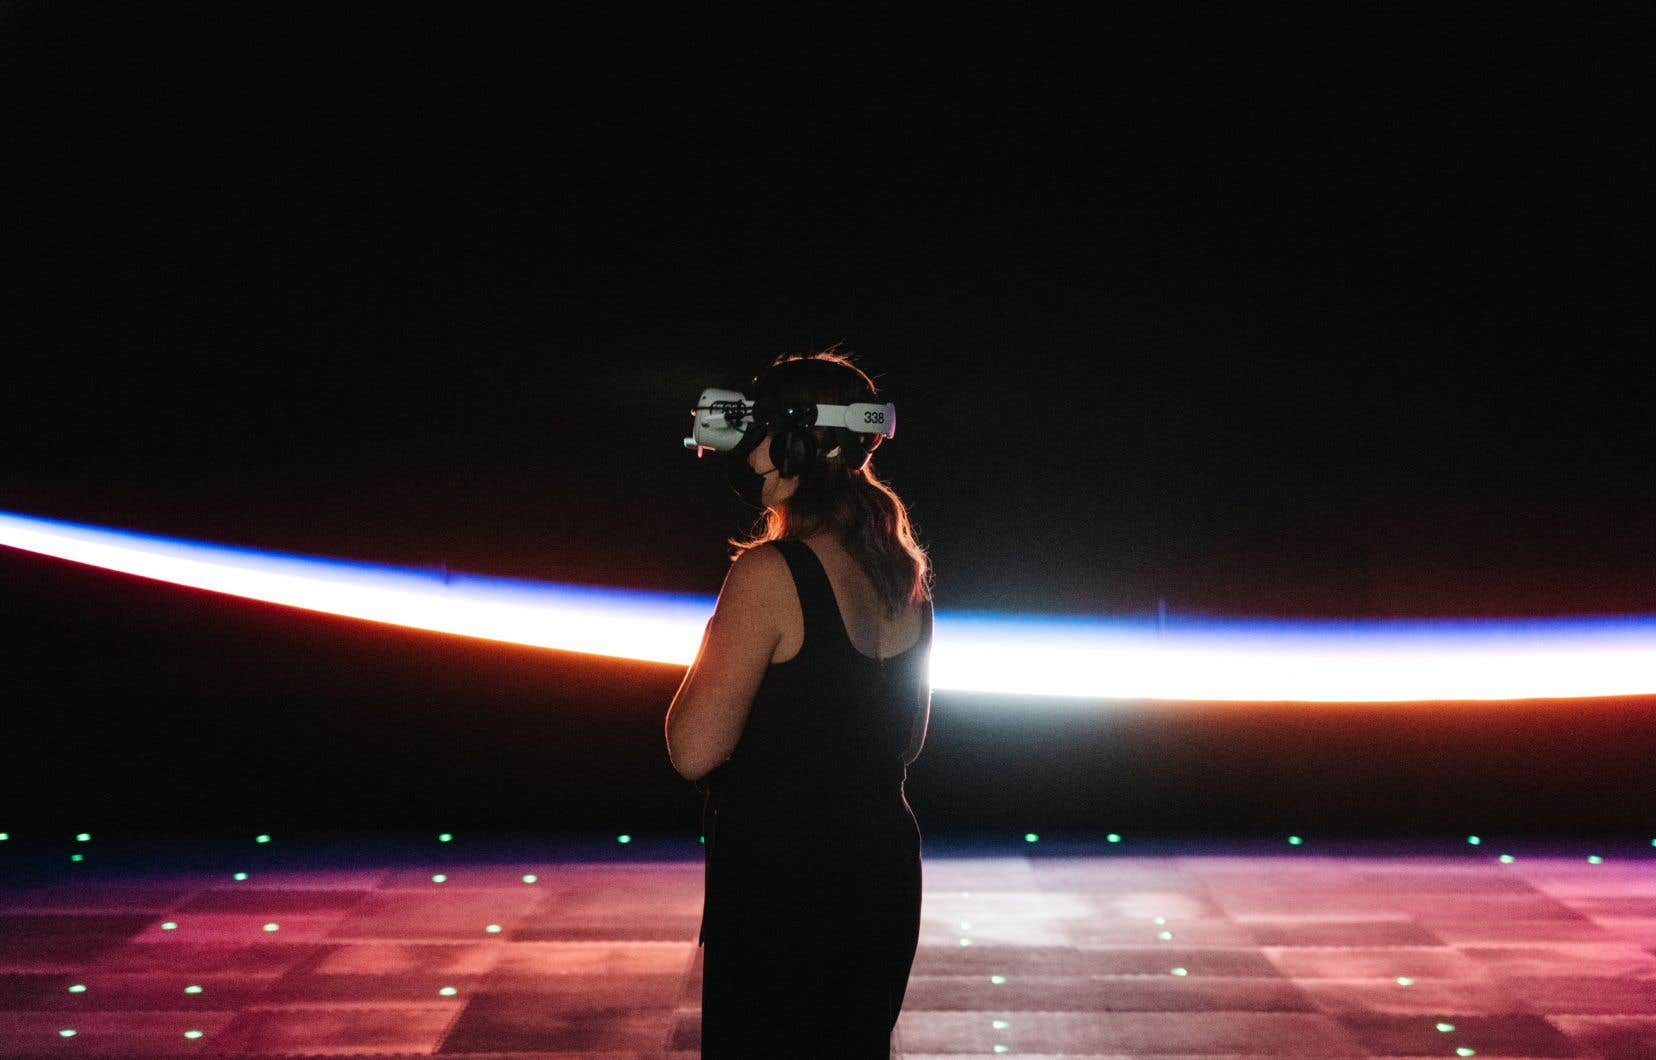 Cette exposition en réalité virtuelle offre au public la possibilité de se déplacer librement à l'intérieur de la Station spatiale internationale reproduite à l'échelle réelle.